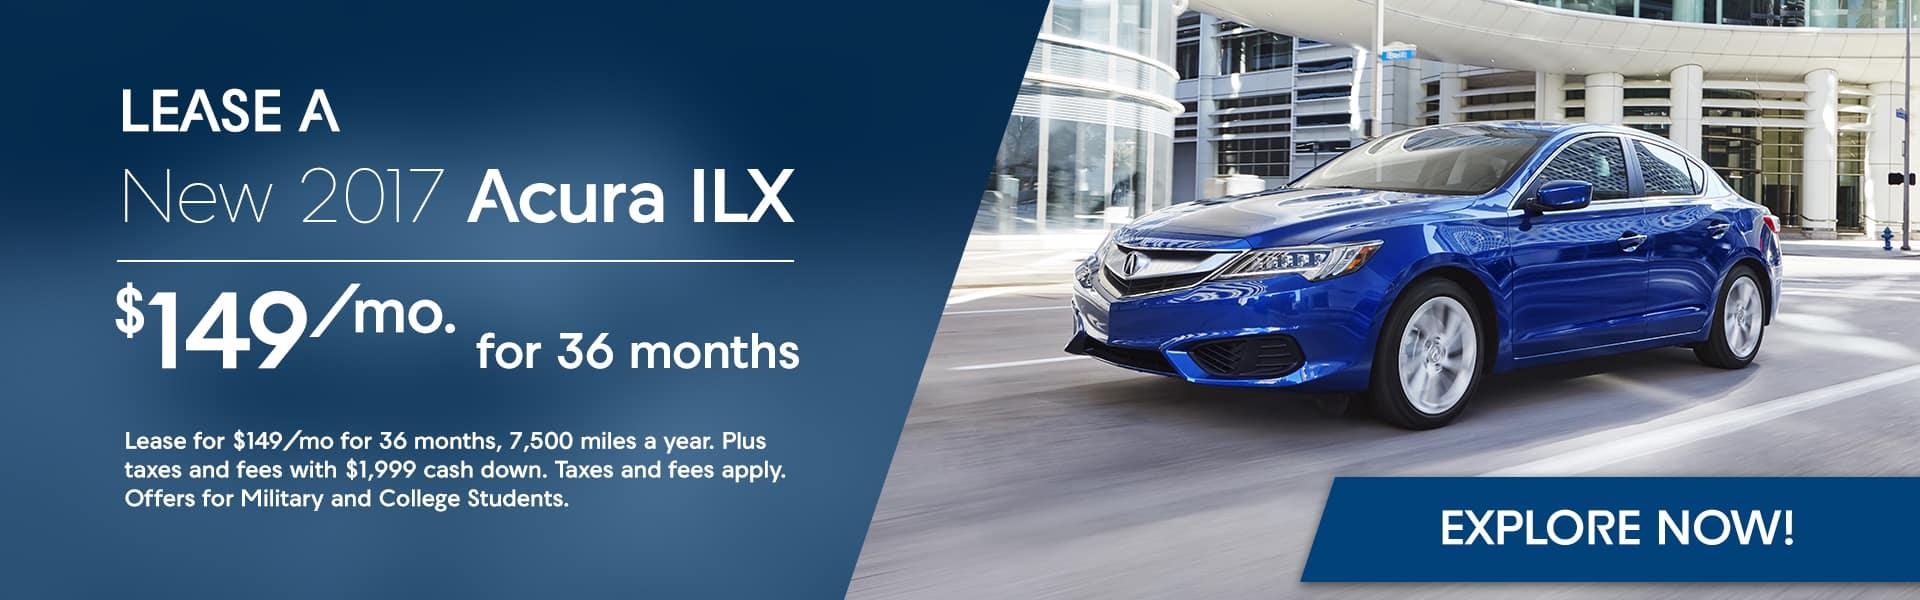 Hubler Acura ILX